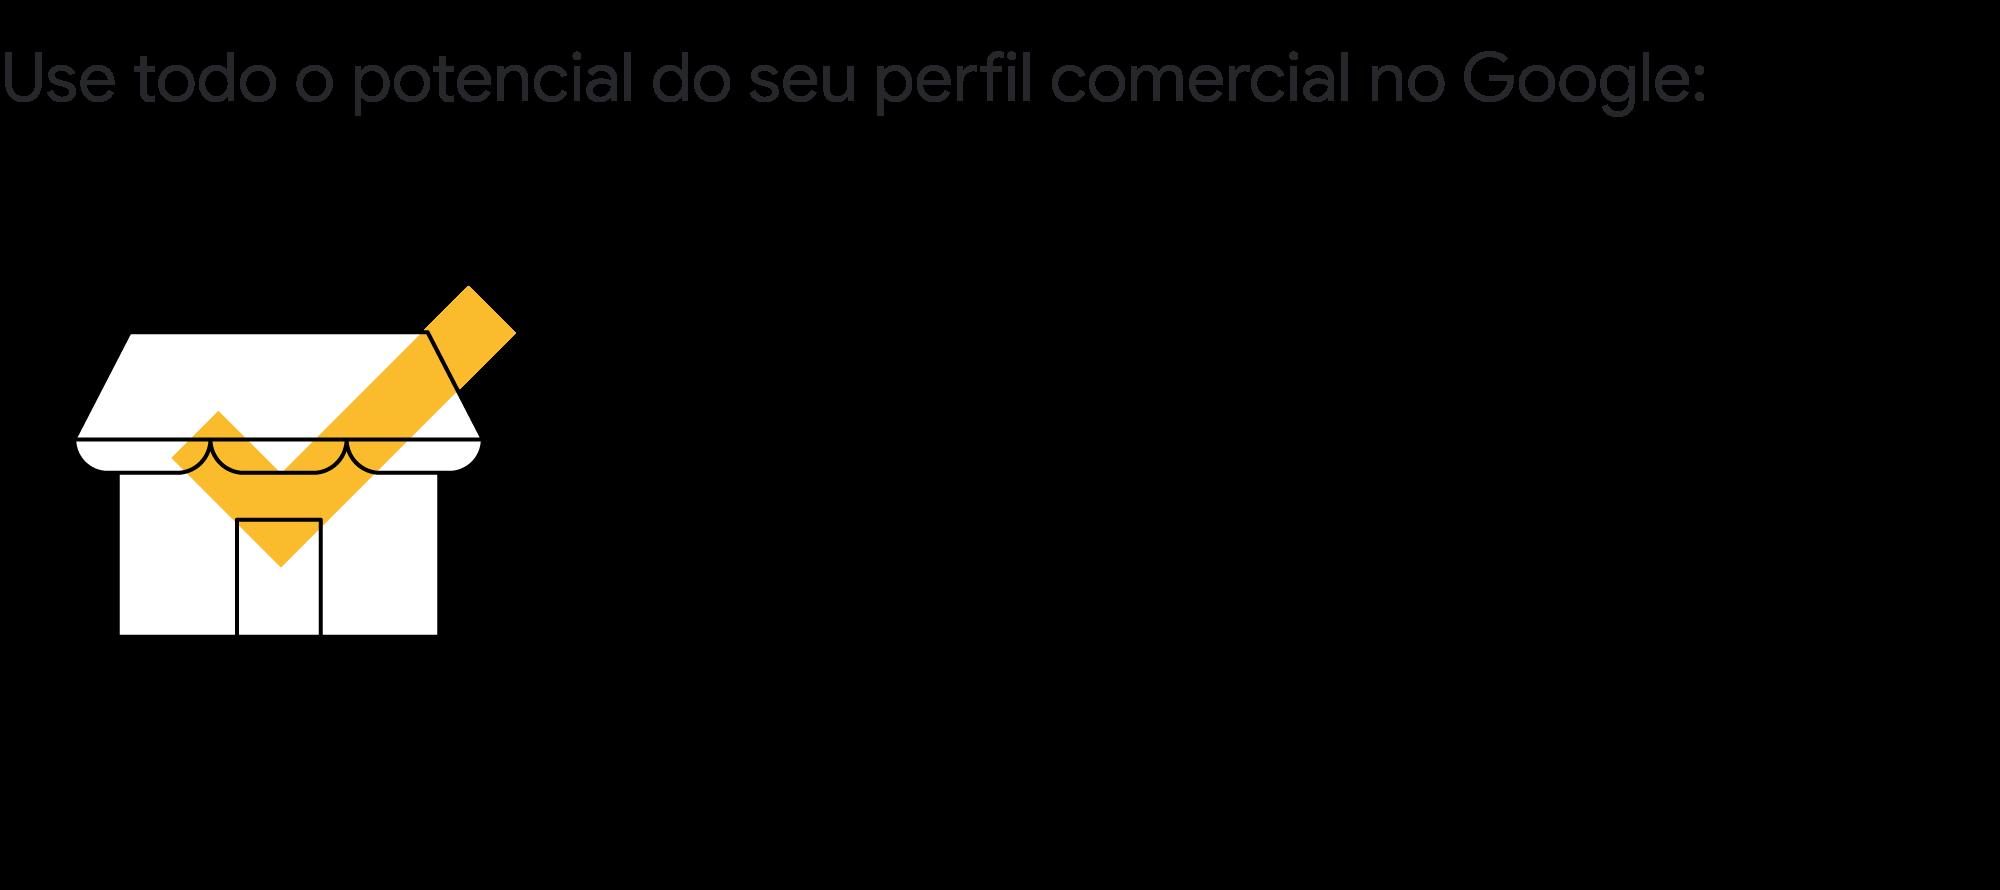 Ferramentas gratuitas para ajudar a expandir os negócios da sua micro, pequena e média empresa